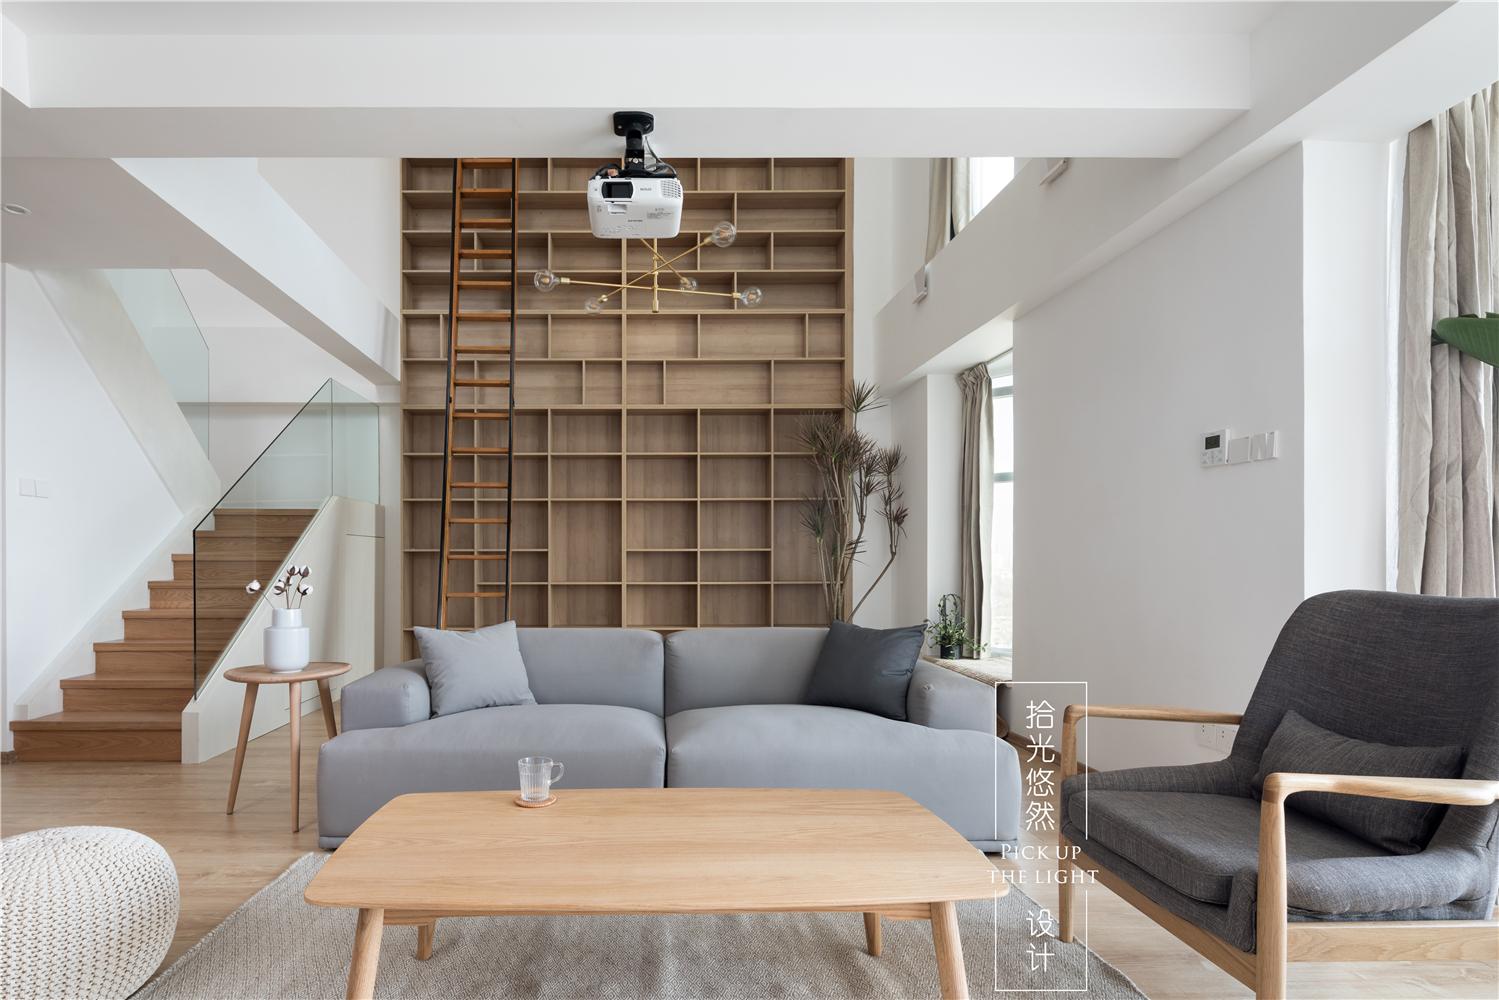 现代简约复式装修沙发背景墙效果图